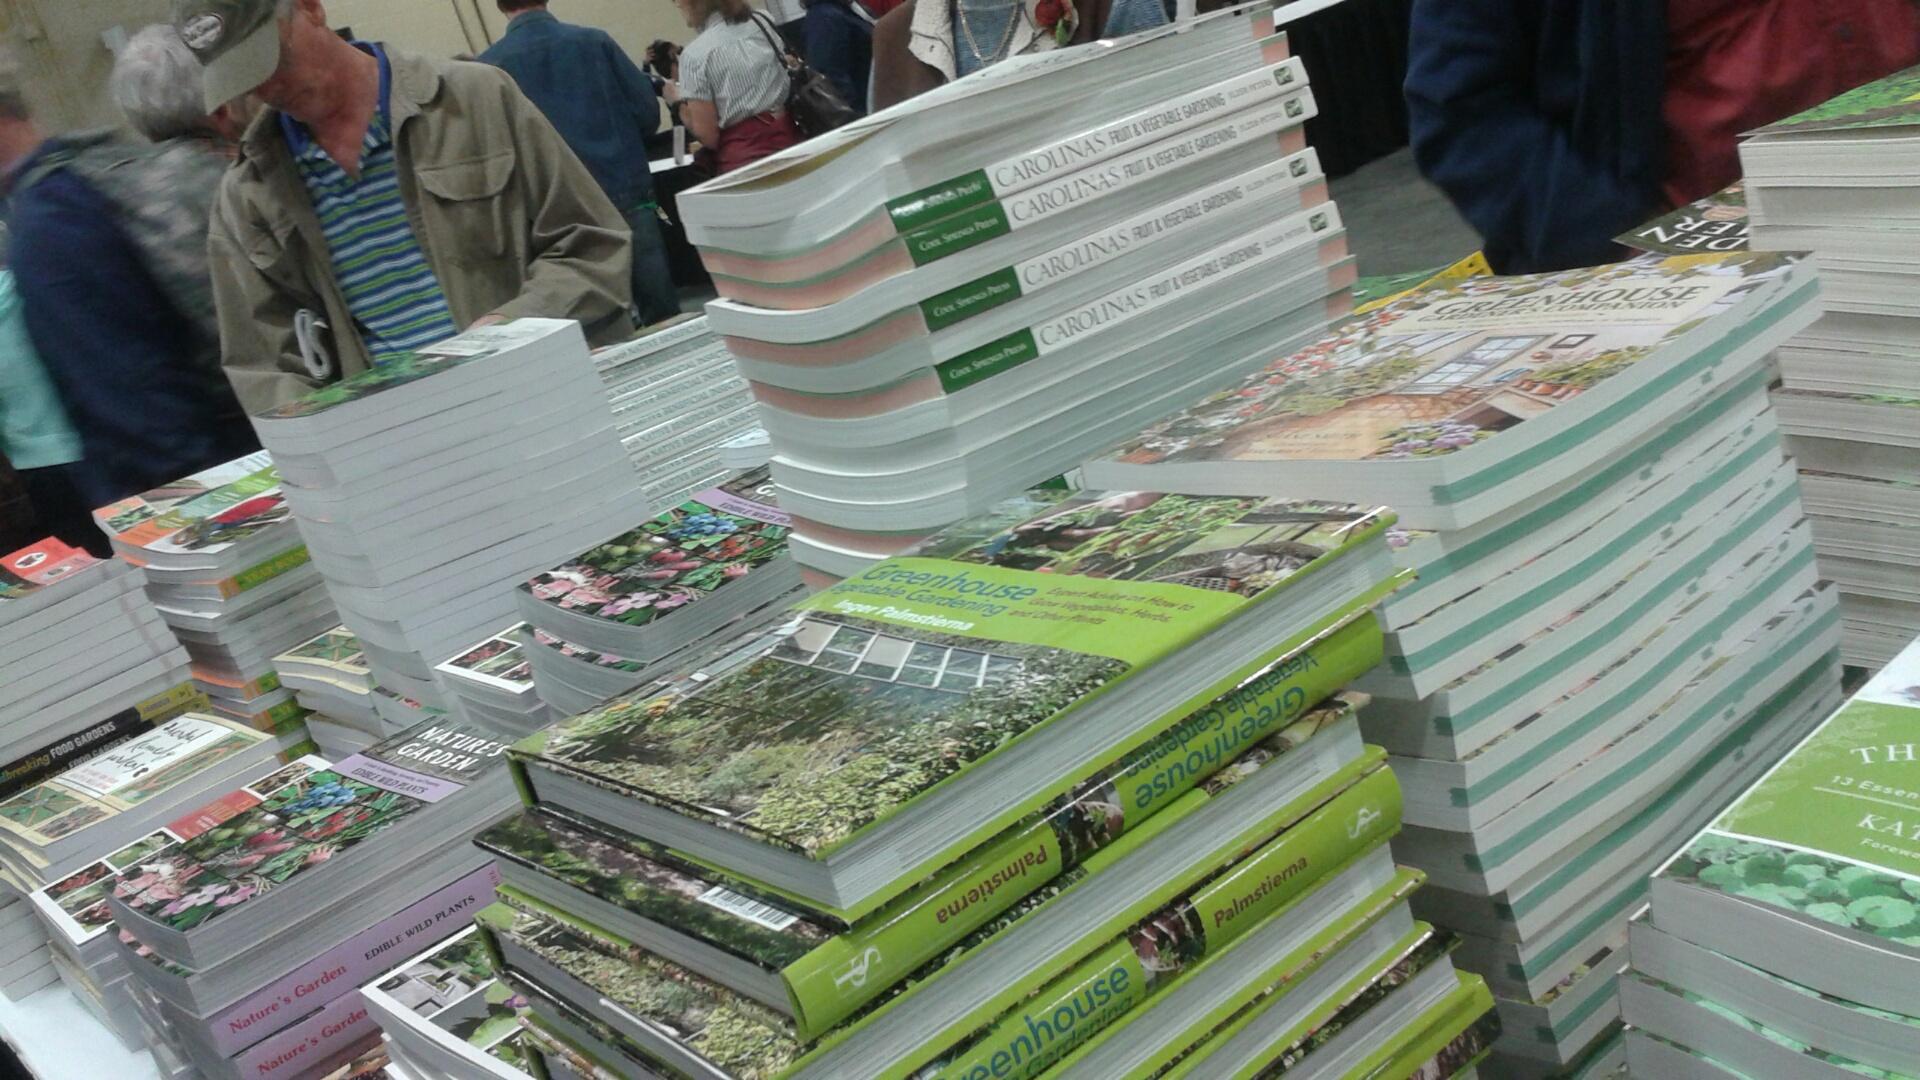 fair books too